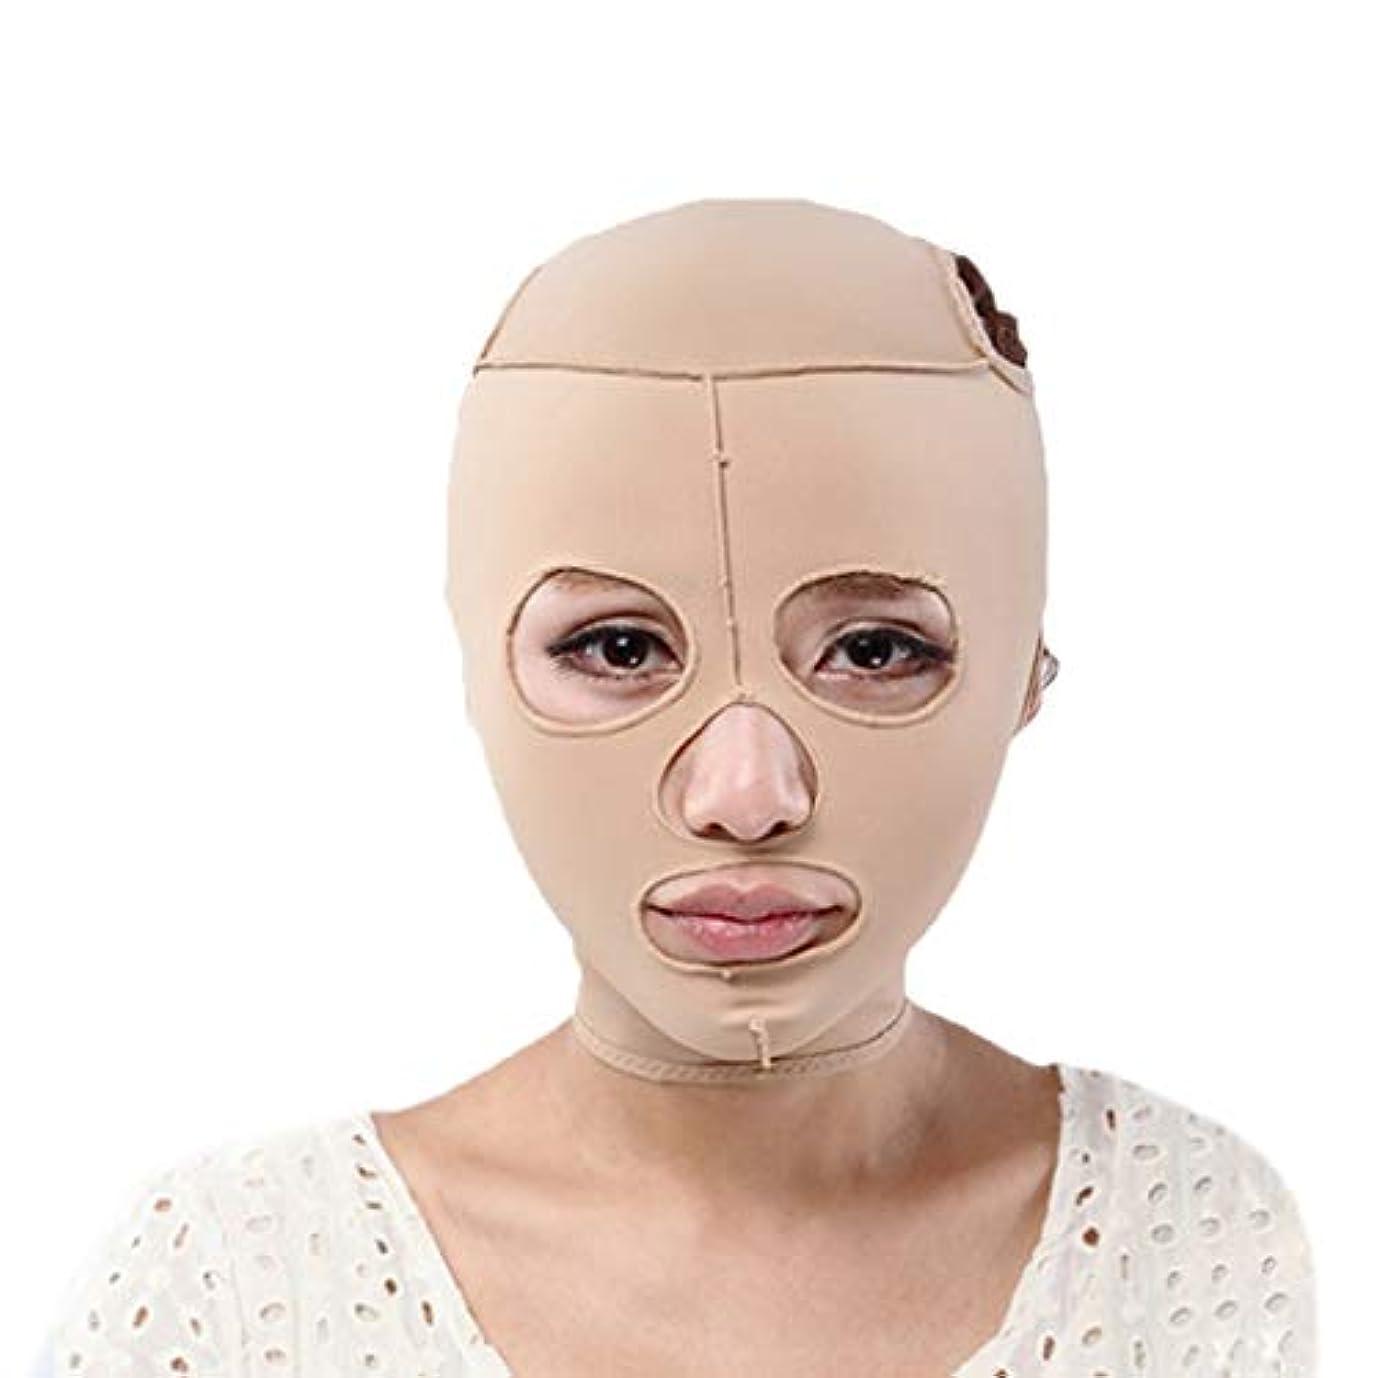 アトミック発信塩辛いあごのストラップ、顔の減量のしわ防止マスク、快適な通気性マスクを備えたオールインクルーシブの顔、薄いフェイスマスクのリフティング包帯引き締め (Size : L)